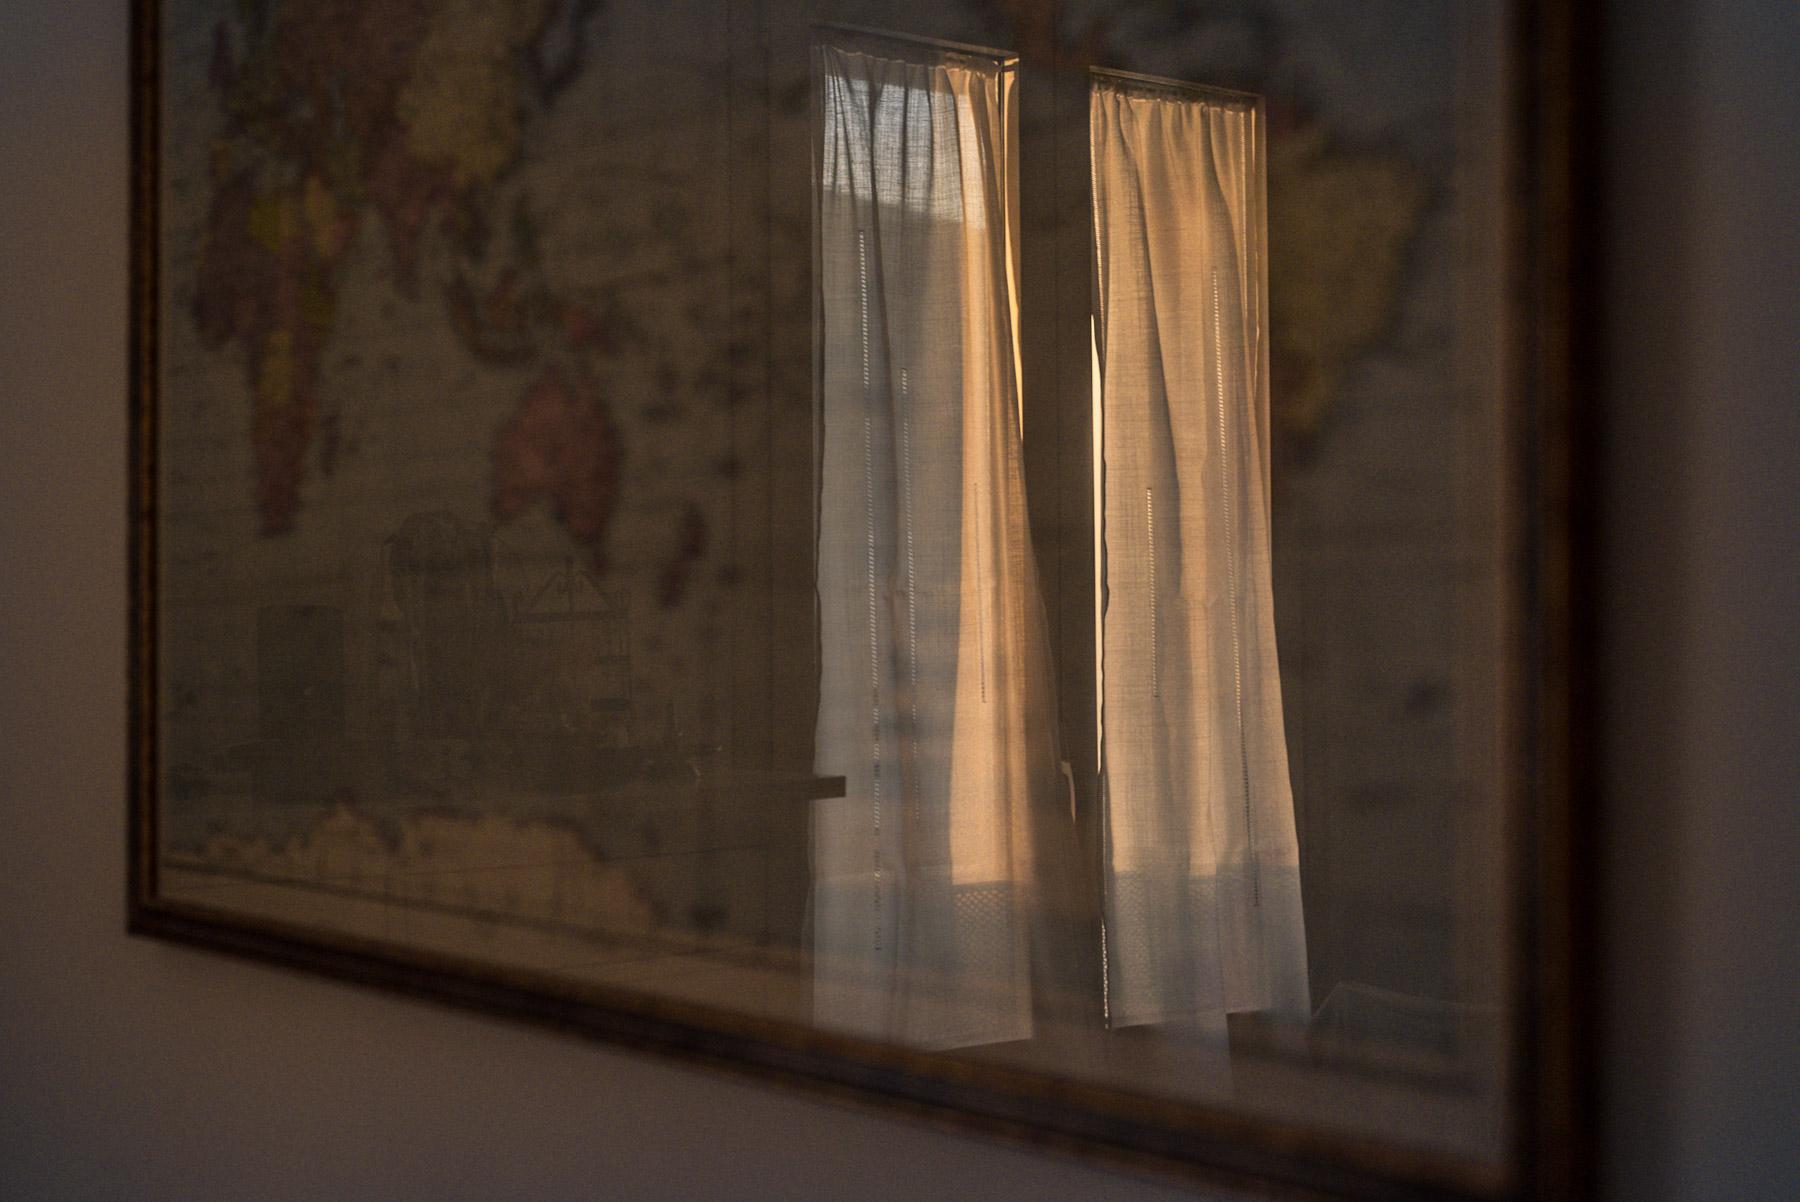 The shadow of a window over a framed map of the world / il riflesso di una finestra si vede da l vetro della mappa del mondo in cornice.